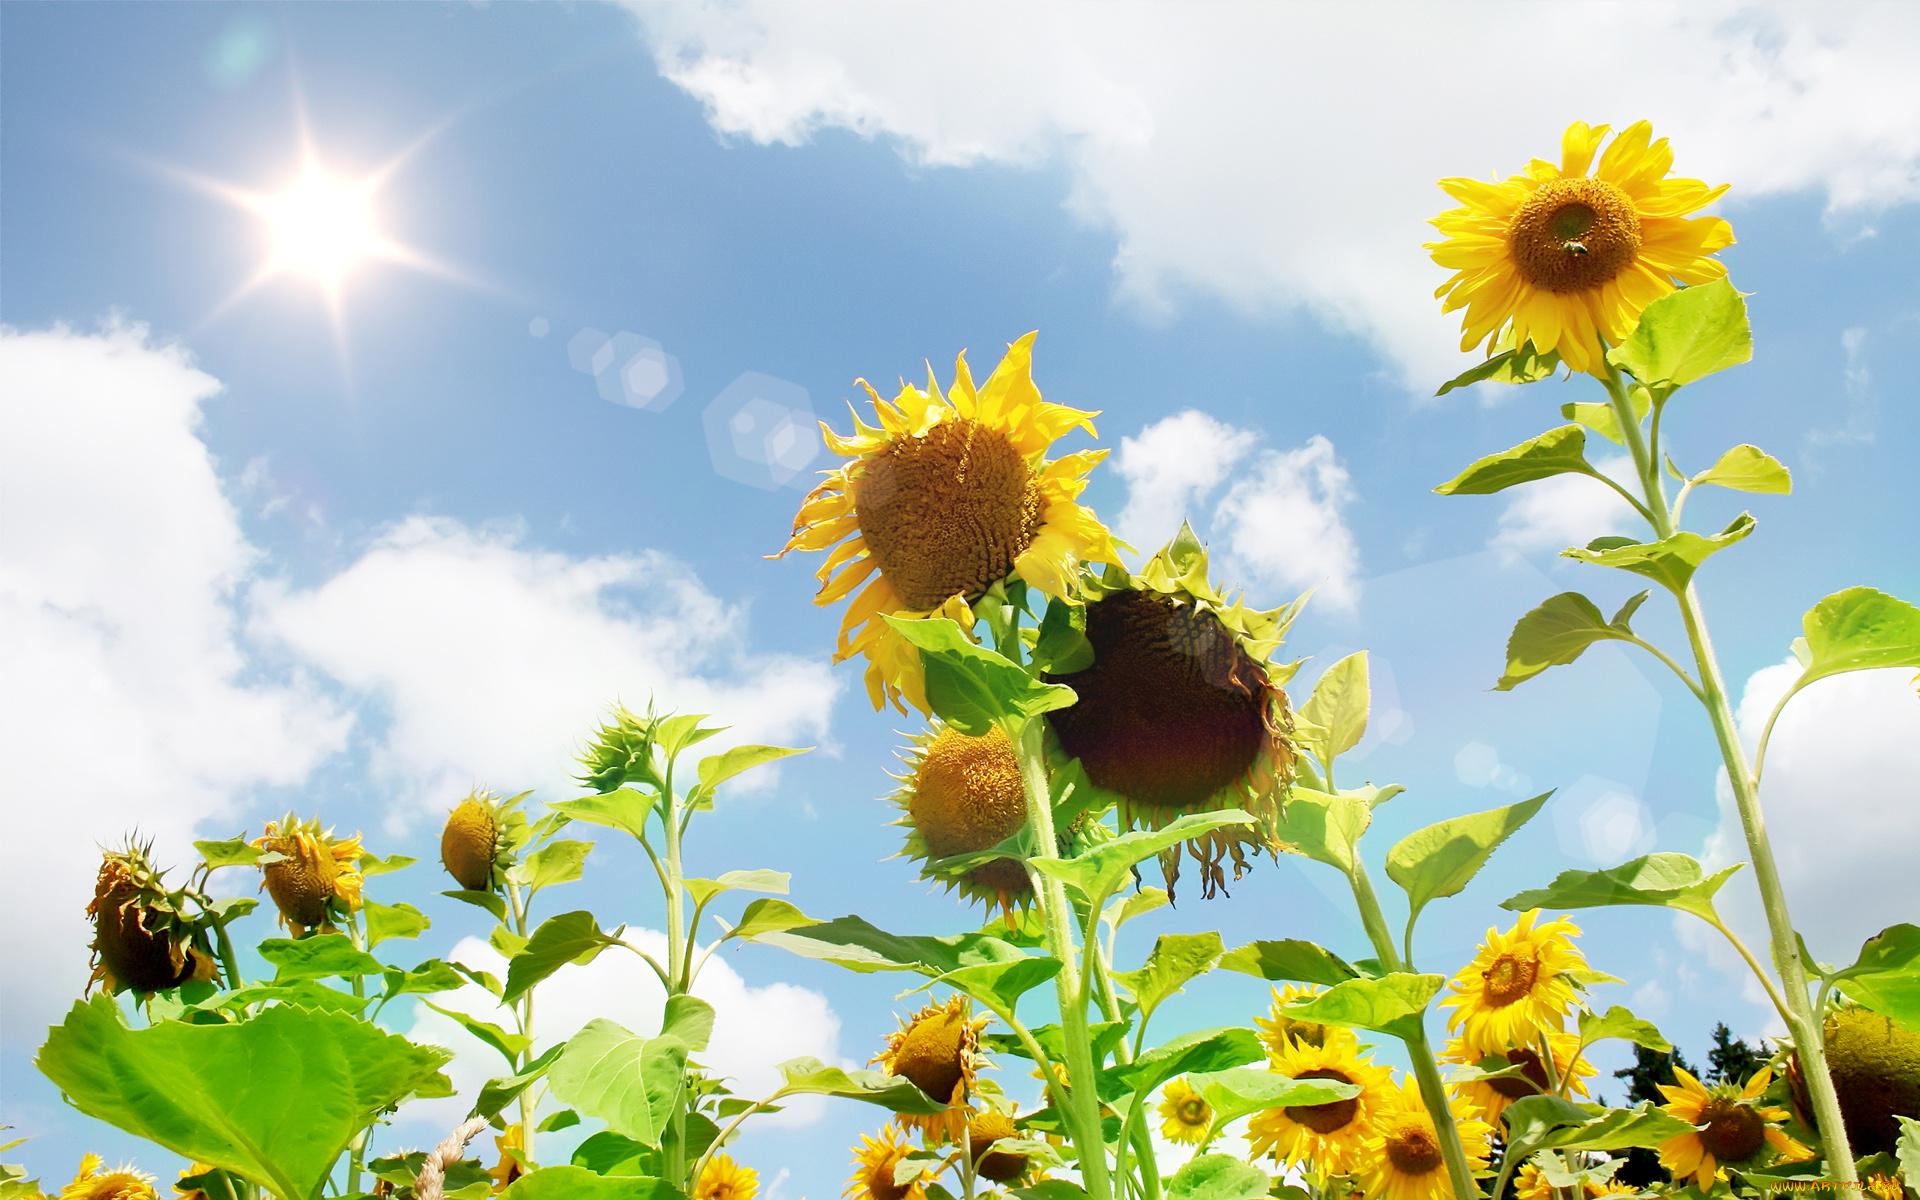 Картинки бобра, картинки доброе утро рассвет лето цветы